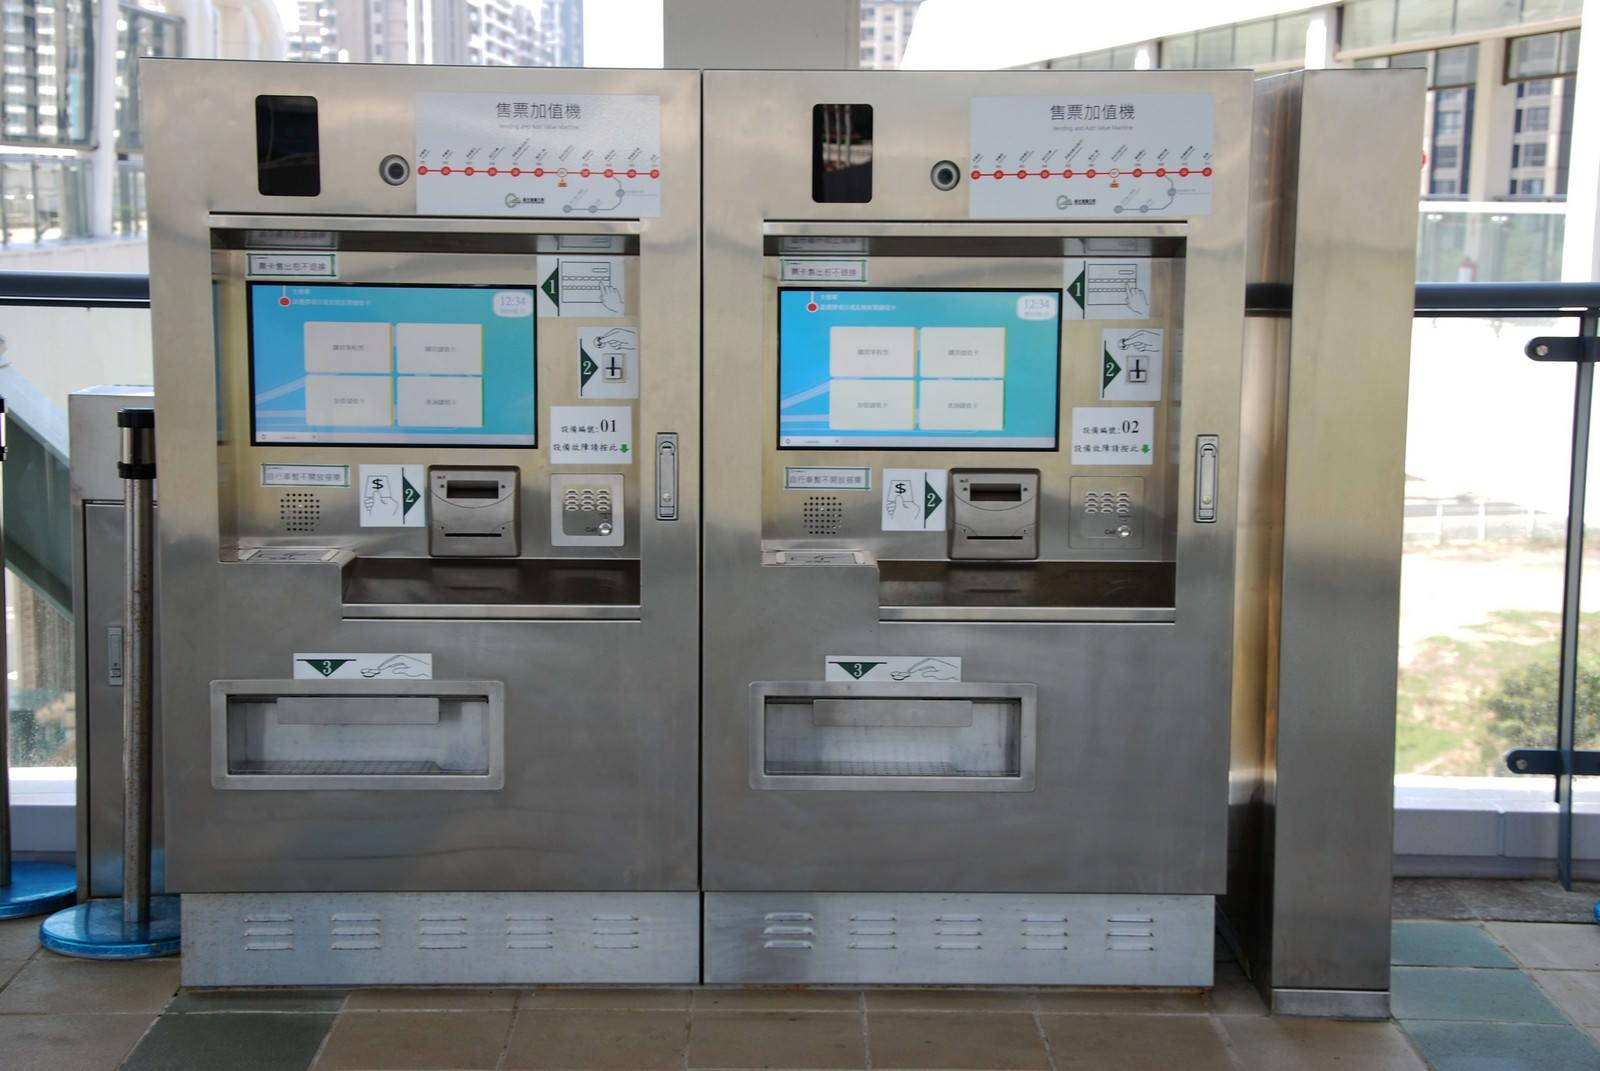 淡海輕軌綠山線, 輕軌淡水行政中心站, 售票加值機